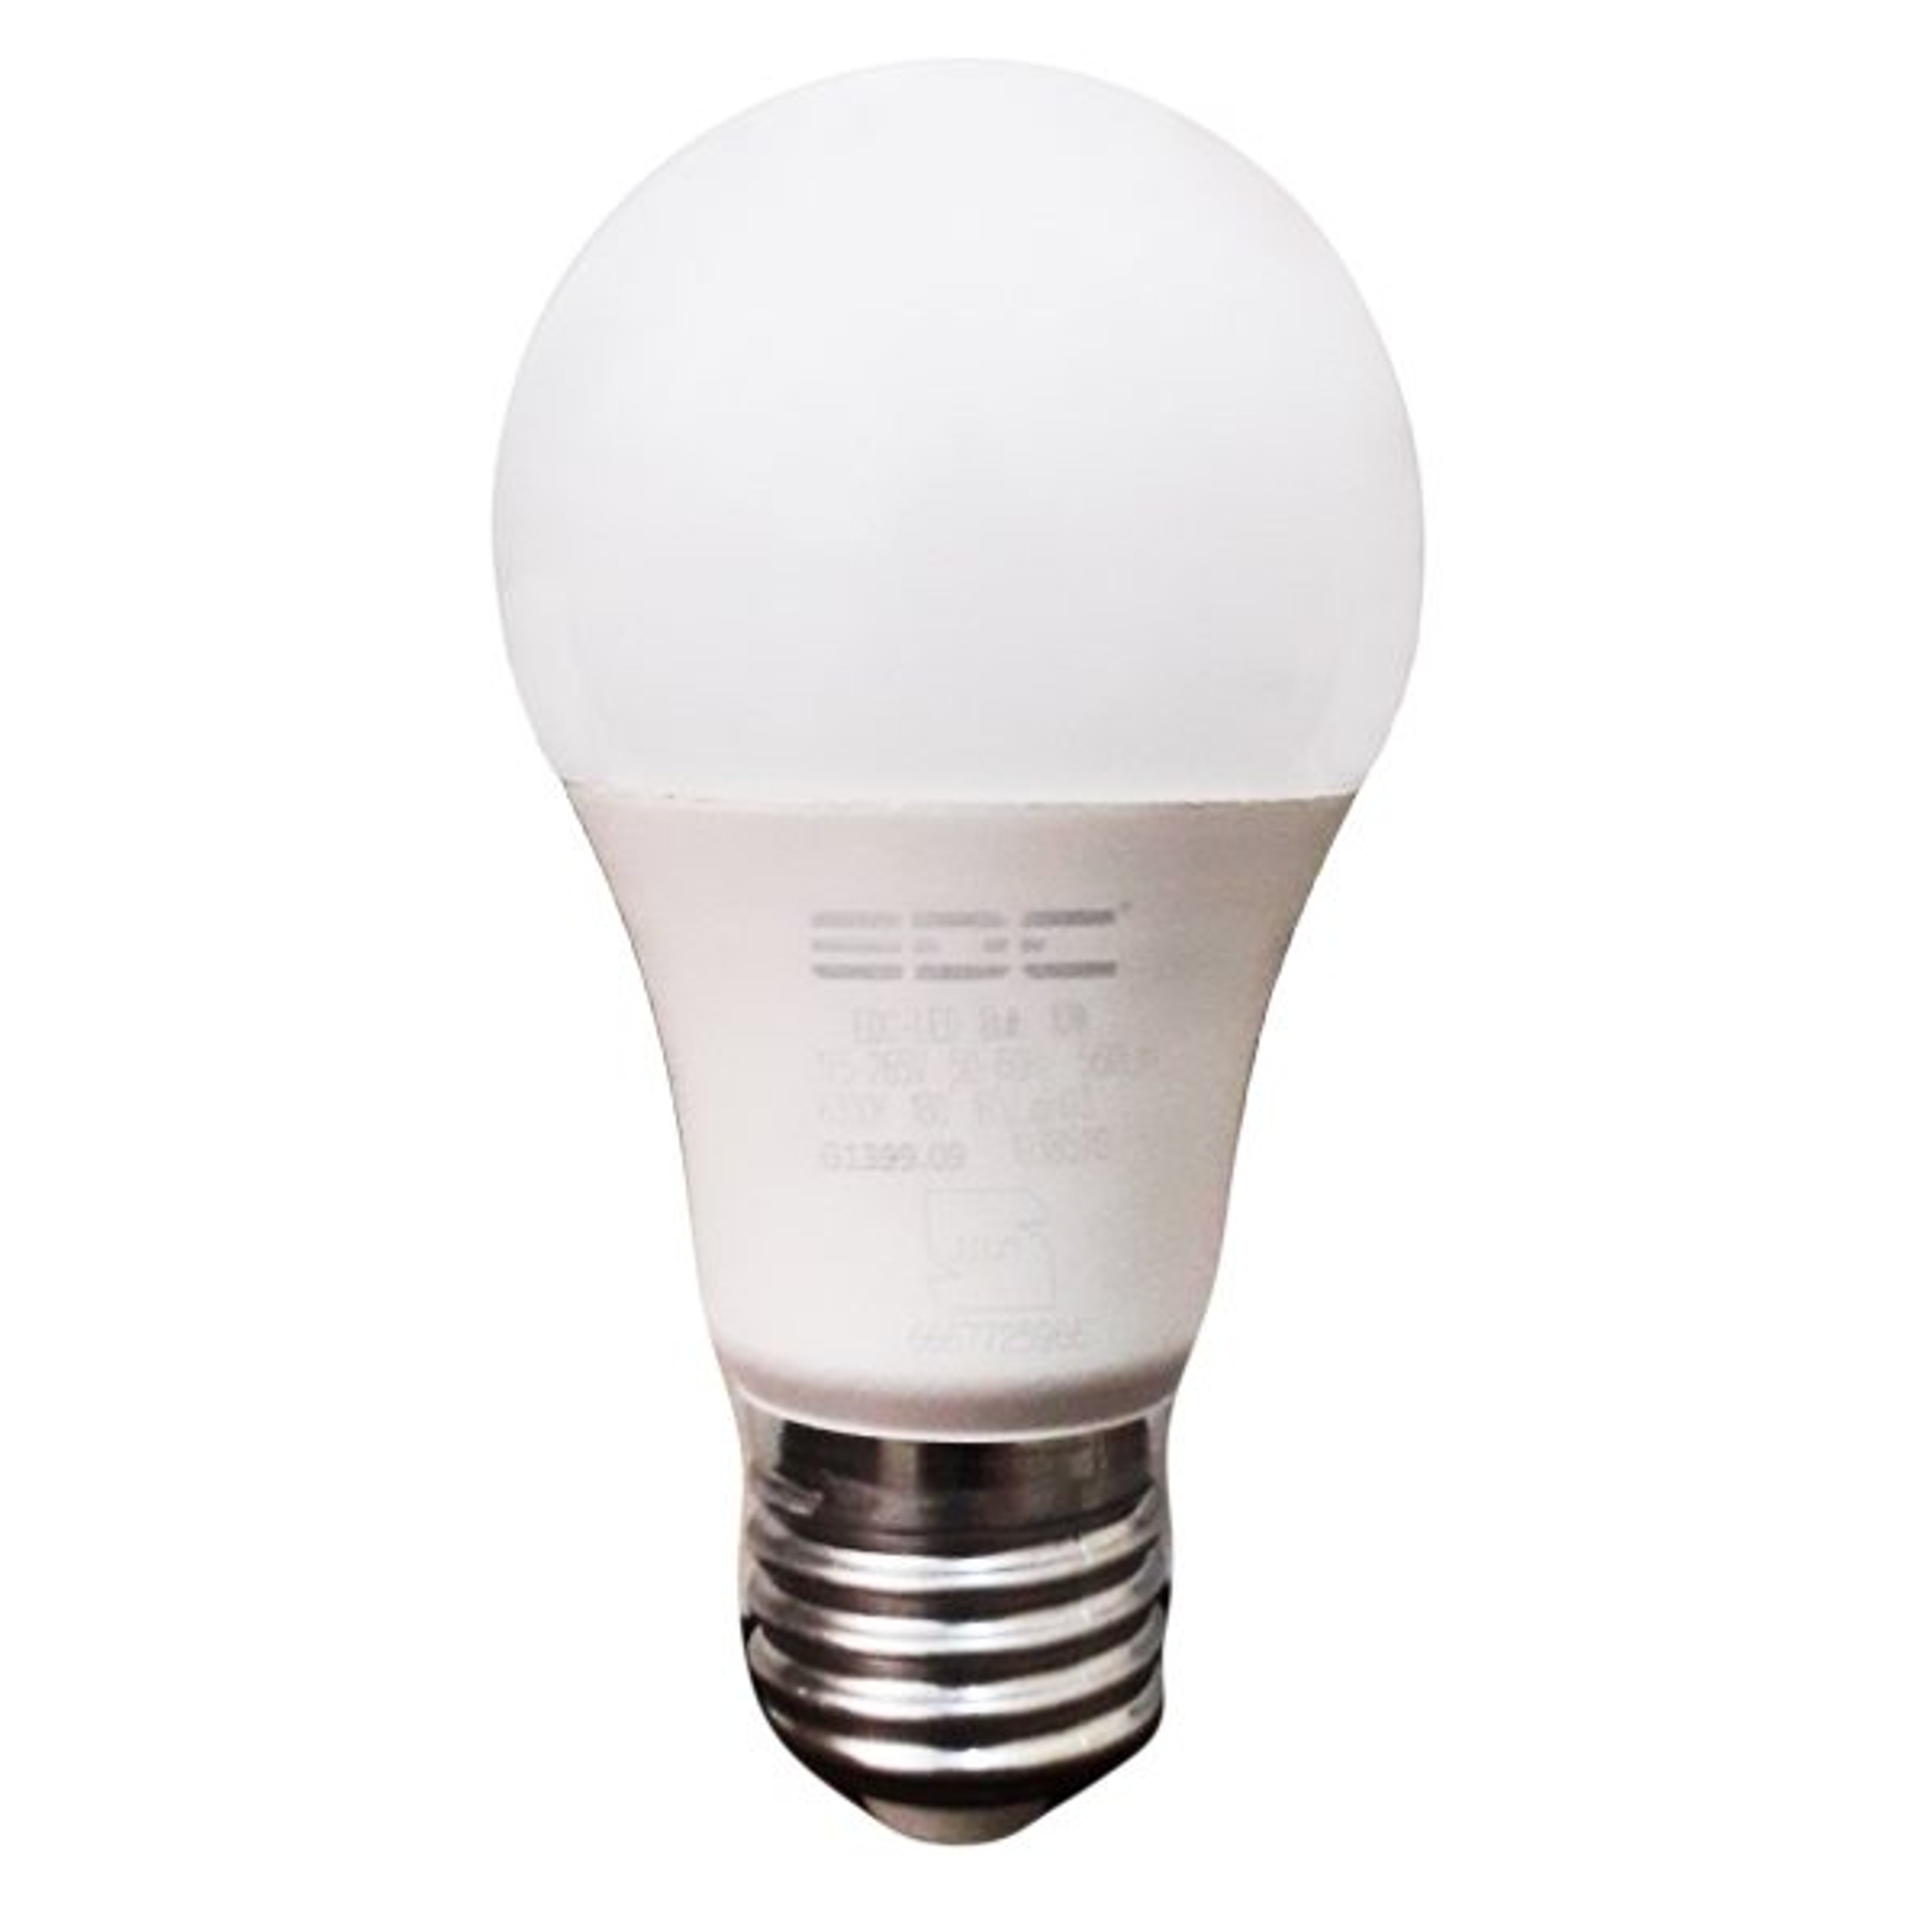 لامپ اس ام دی 10 وات ای دی سی مدل A60 پایه E27